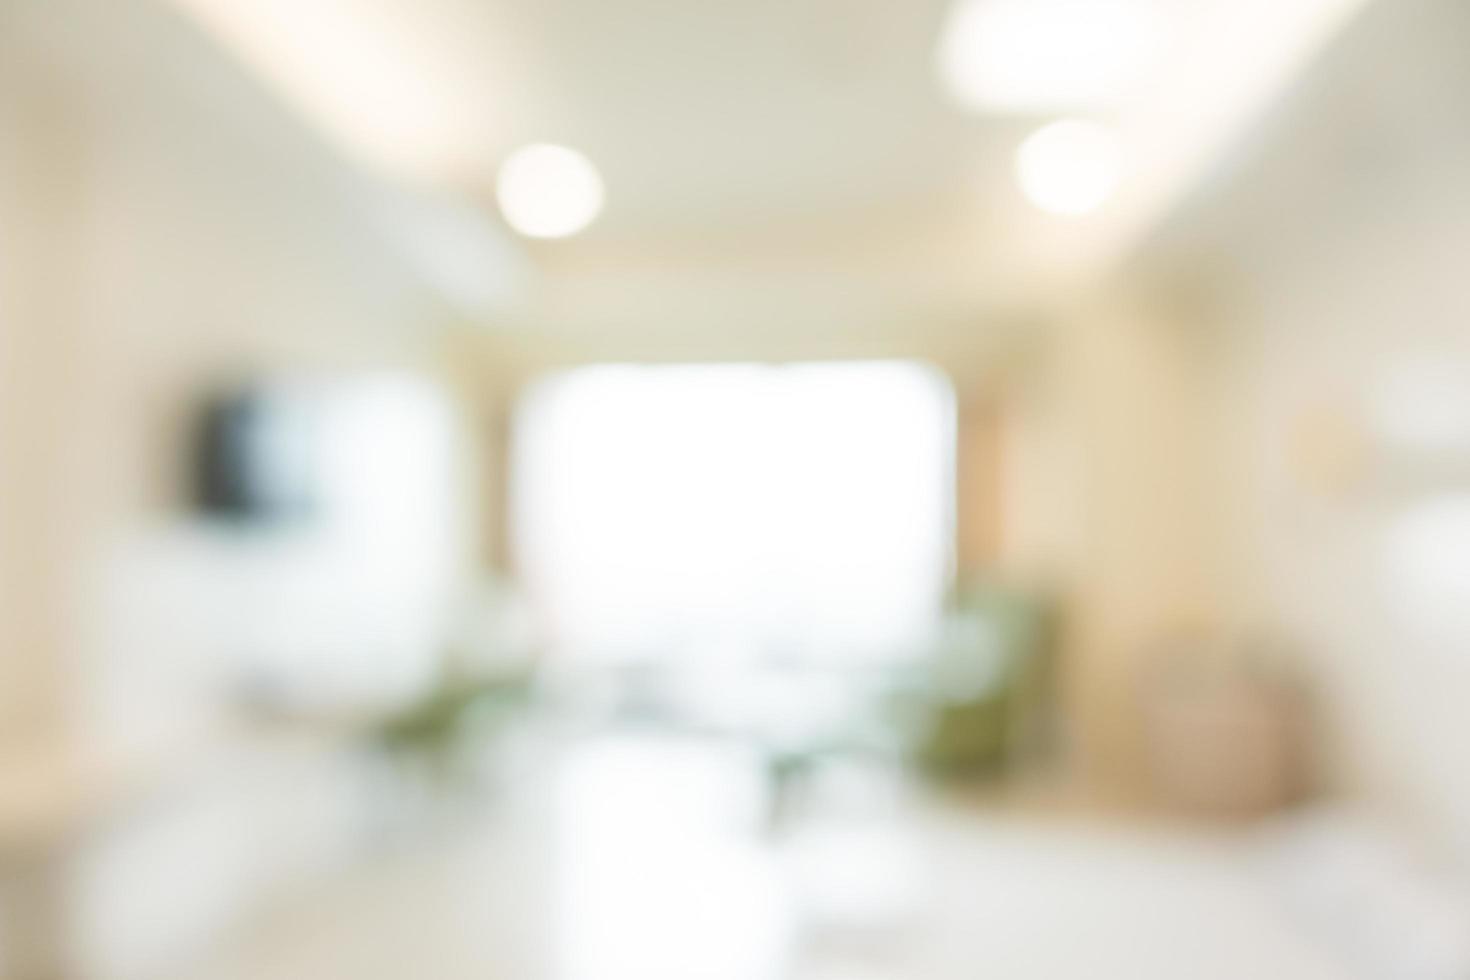 abstrakt defokuserad sjukhusinredning för bakgrund foto